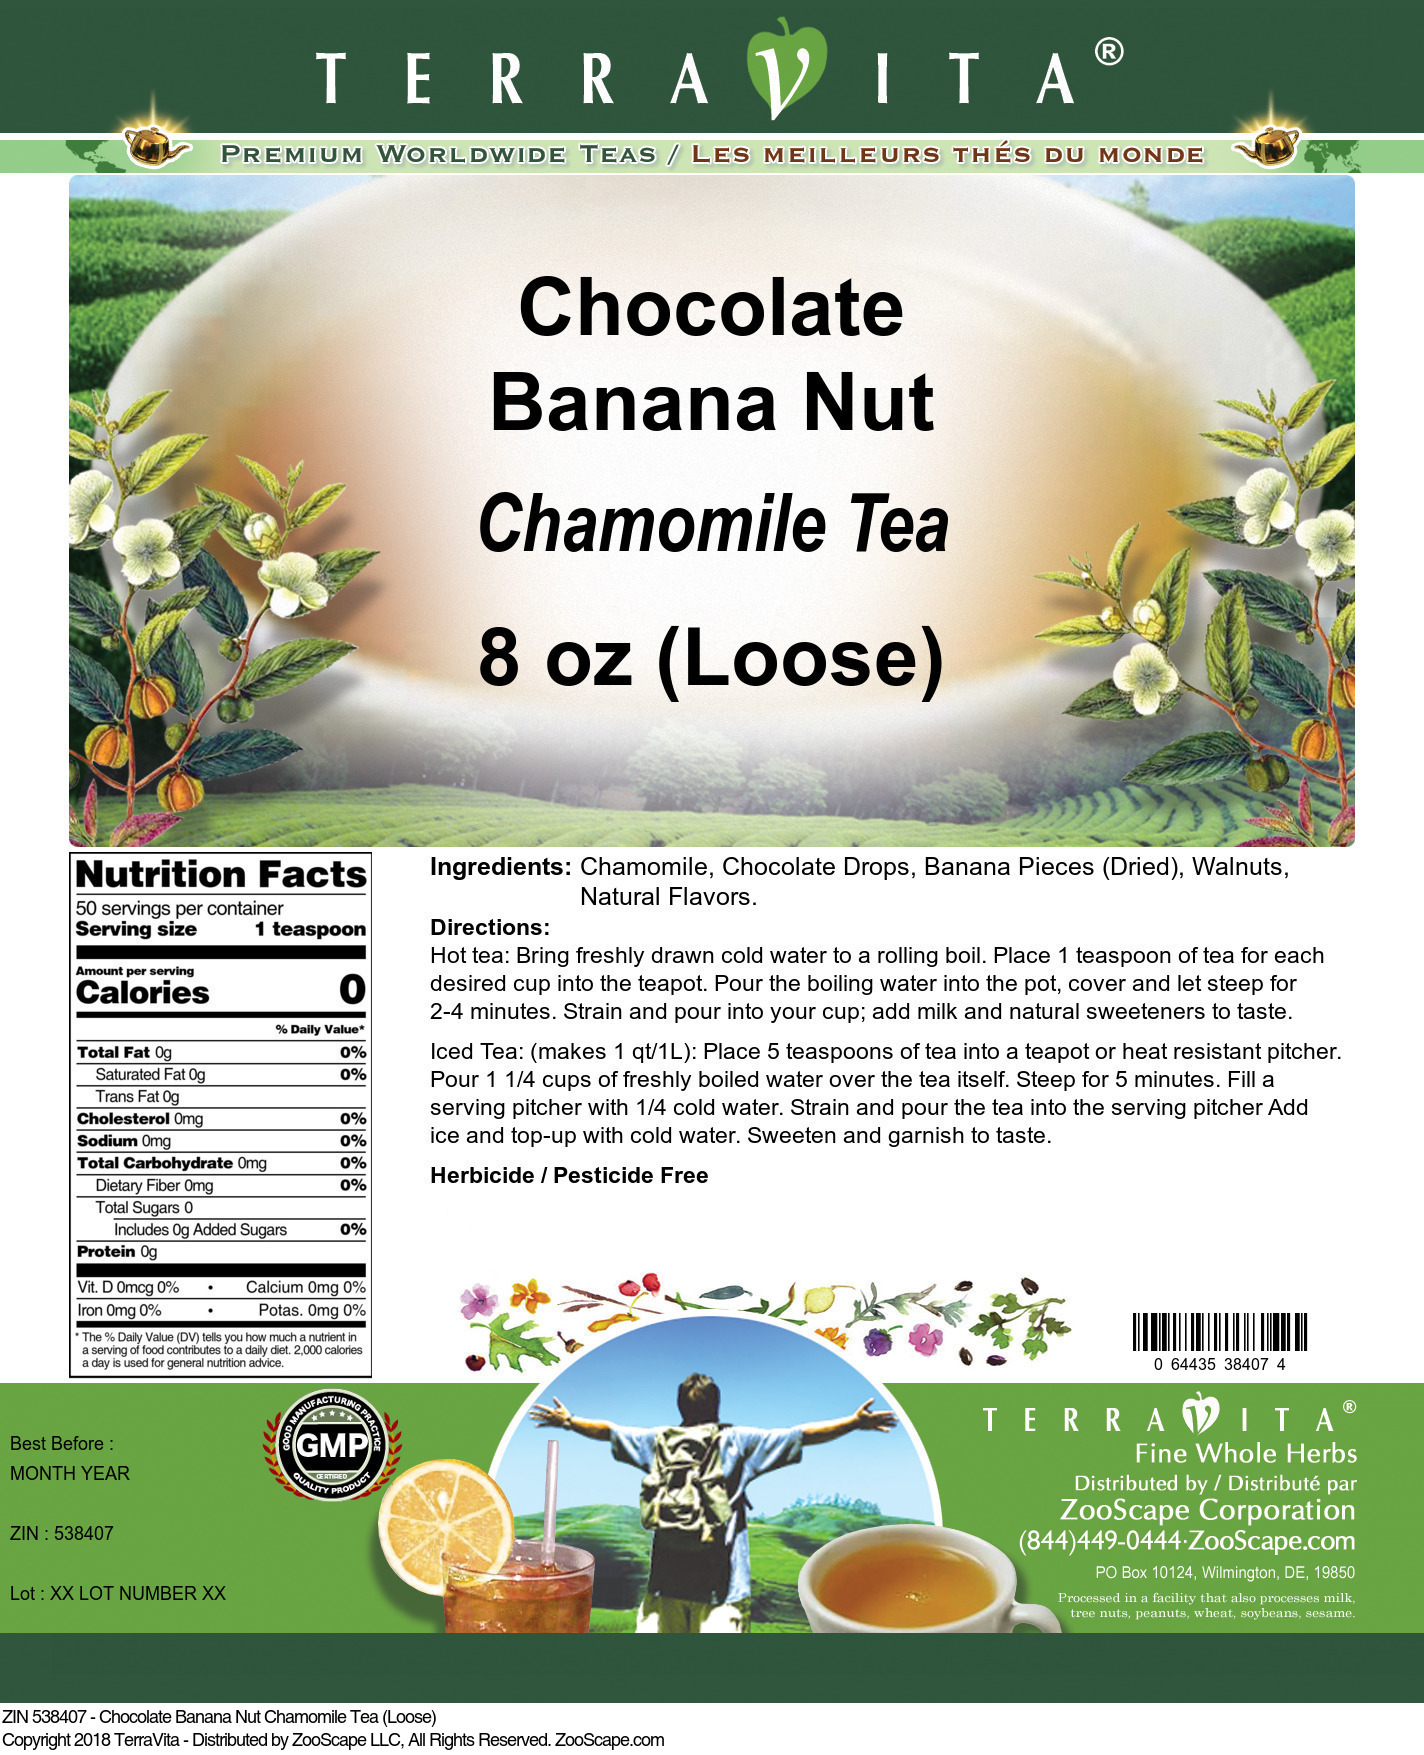 Chocolate Banana Nut Chamomile Tea